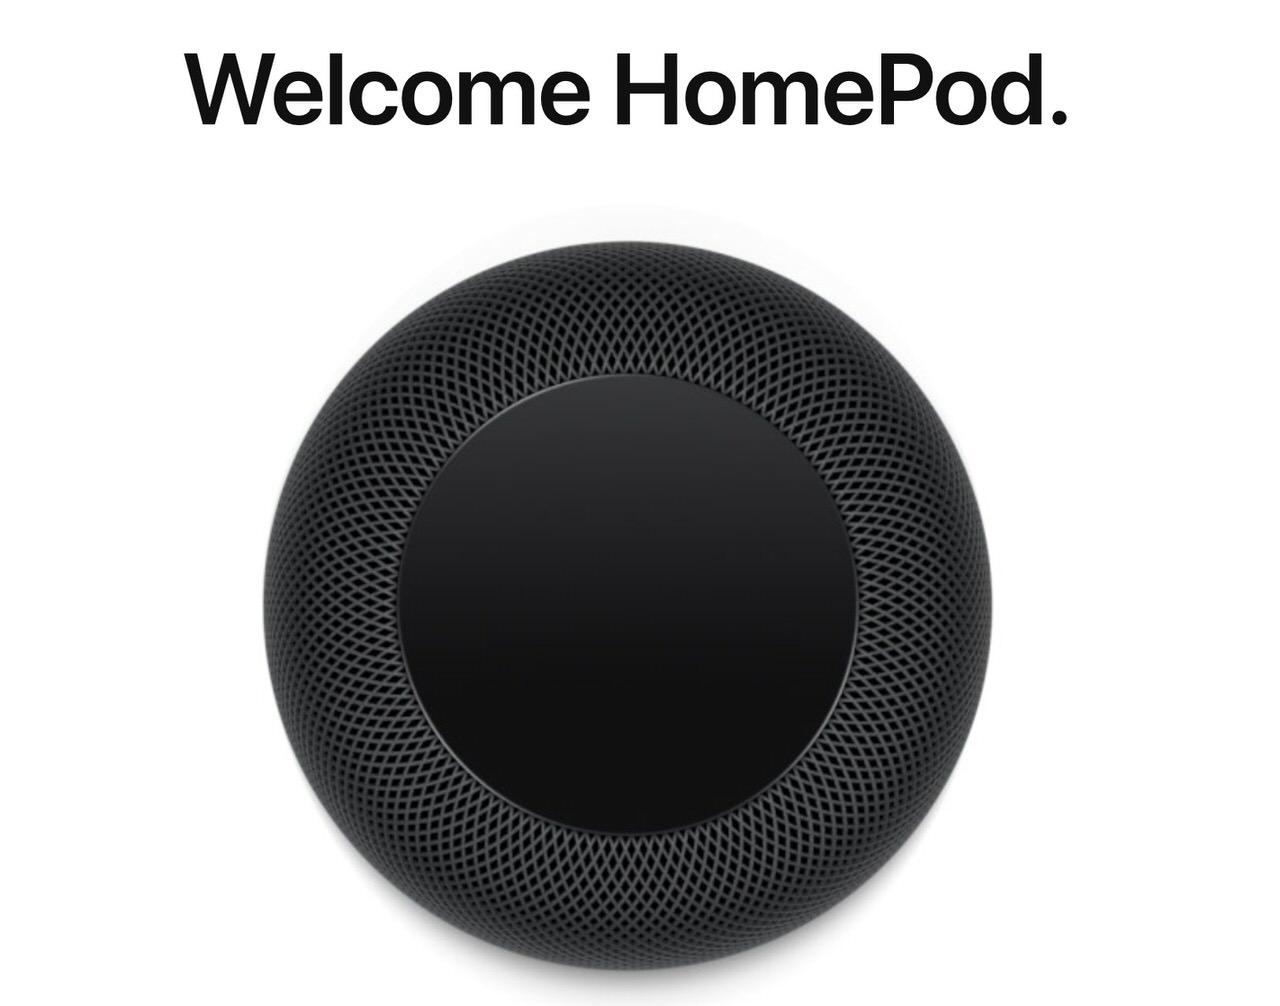 Appleのスマートスピーカー「HomePod」2018年2月9日より発売開始